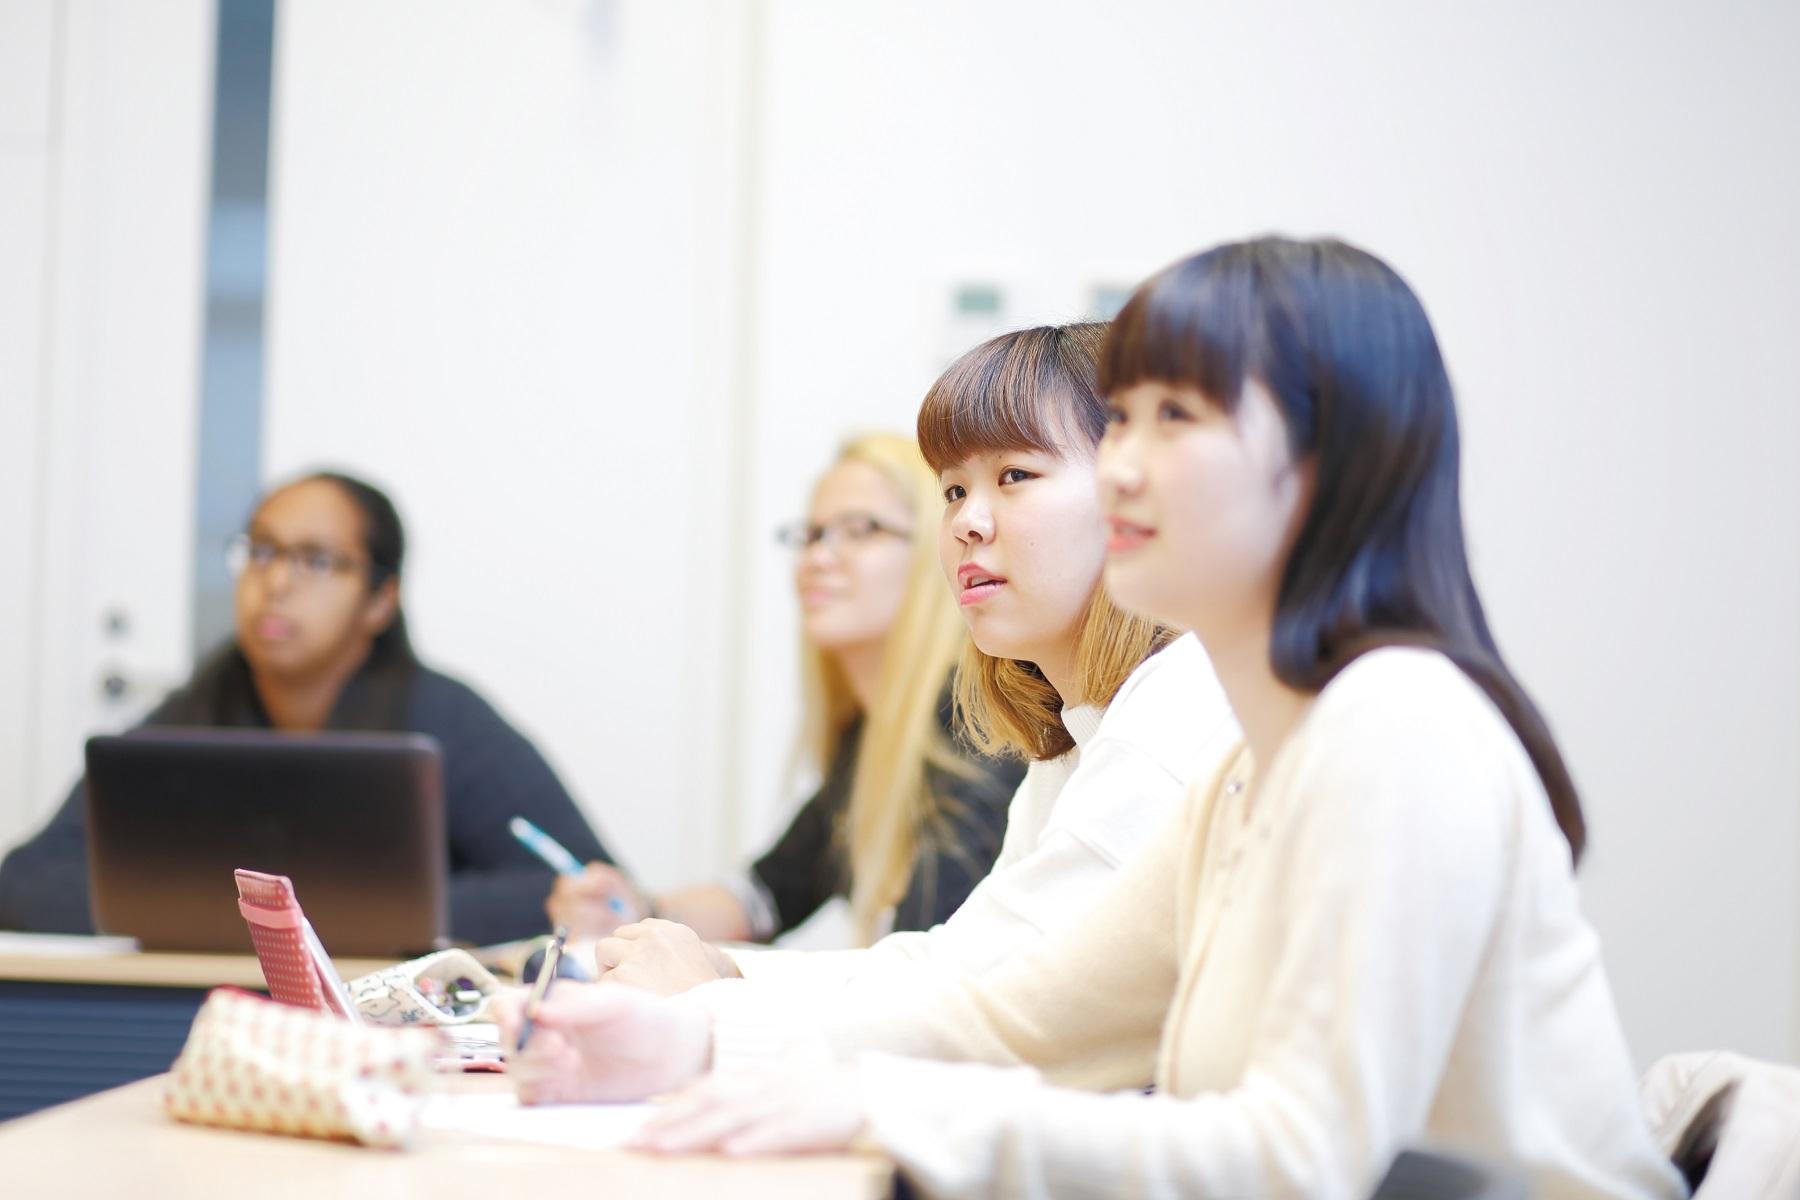 """武蔵大学が人文学部にグローバル・スタディーズコース(GSC)を新設 ~""""英語で""""行う授業と海外留学による単位認定のみで卒業が可能に"""